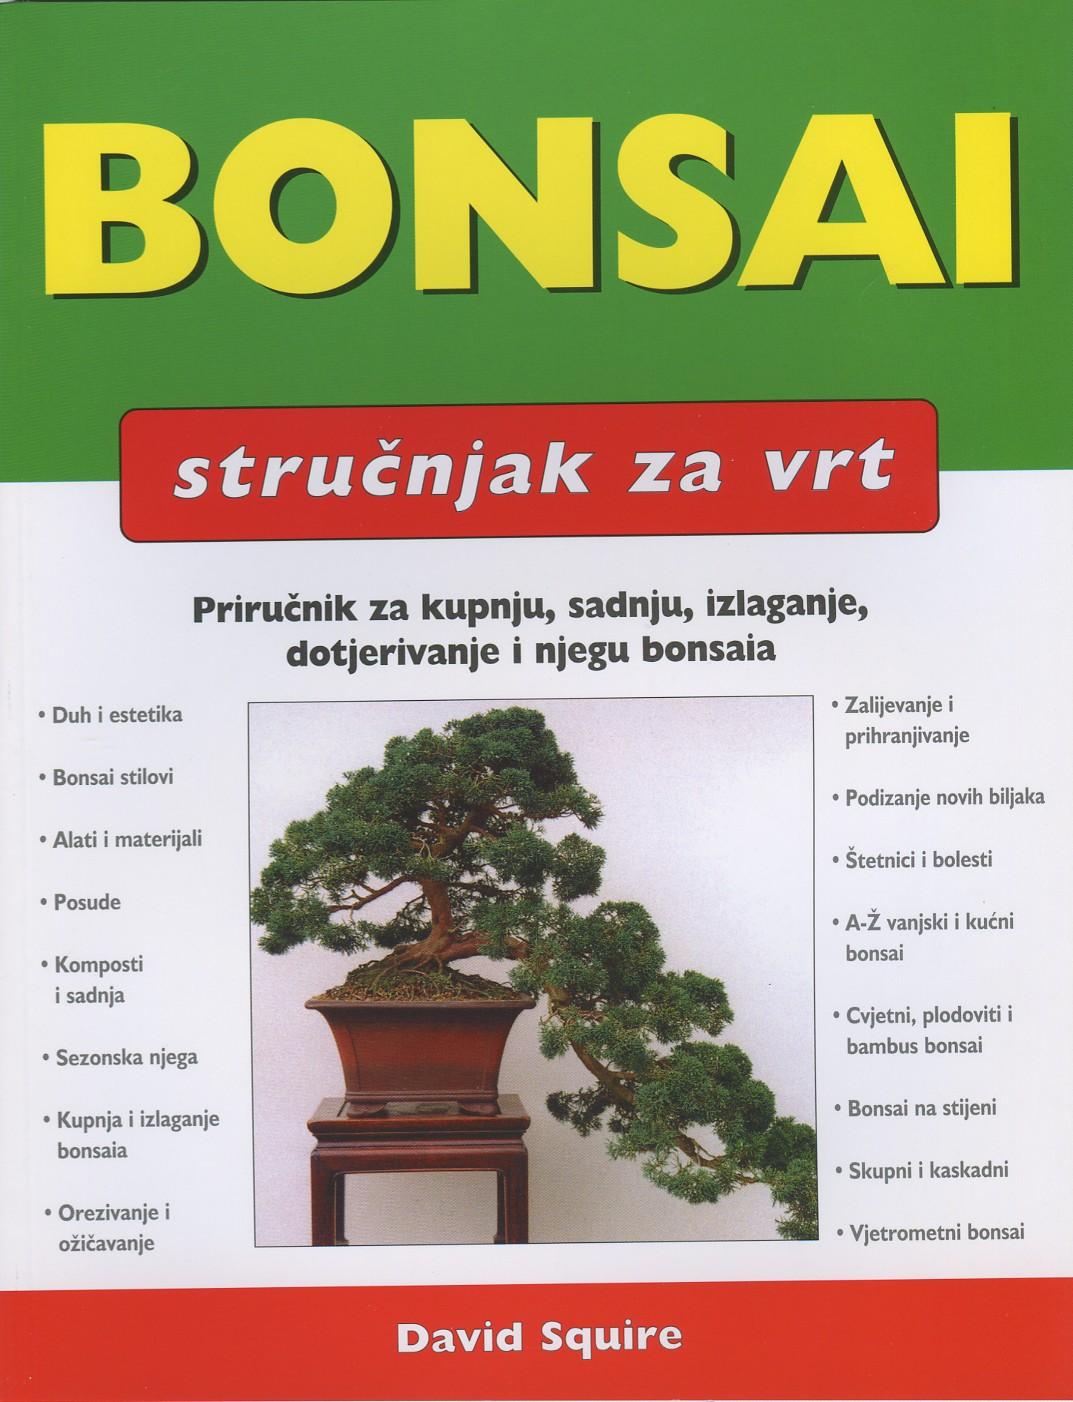 Bonsai - stručnjak za vrt